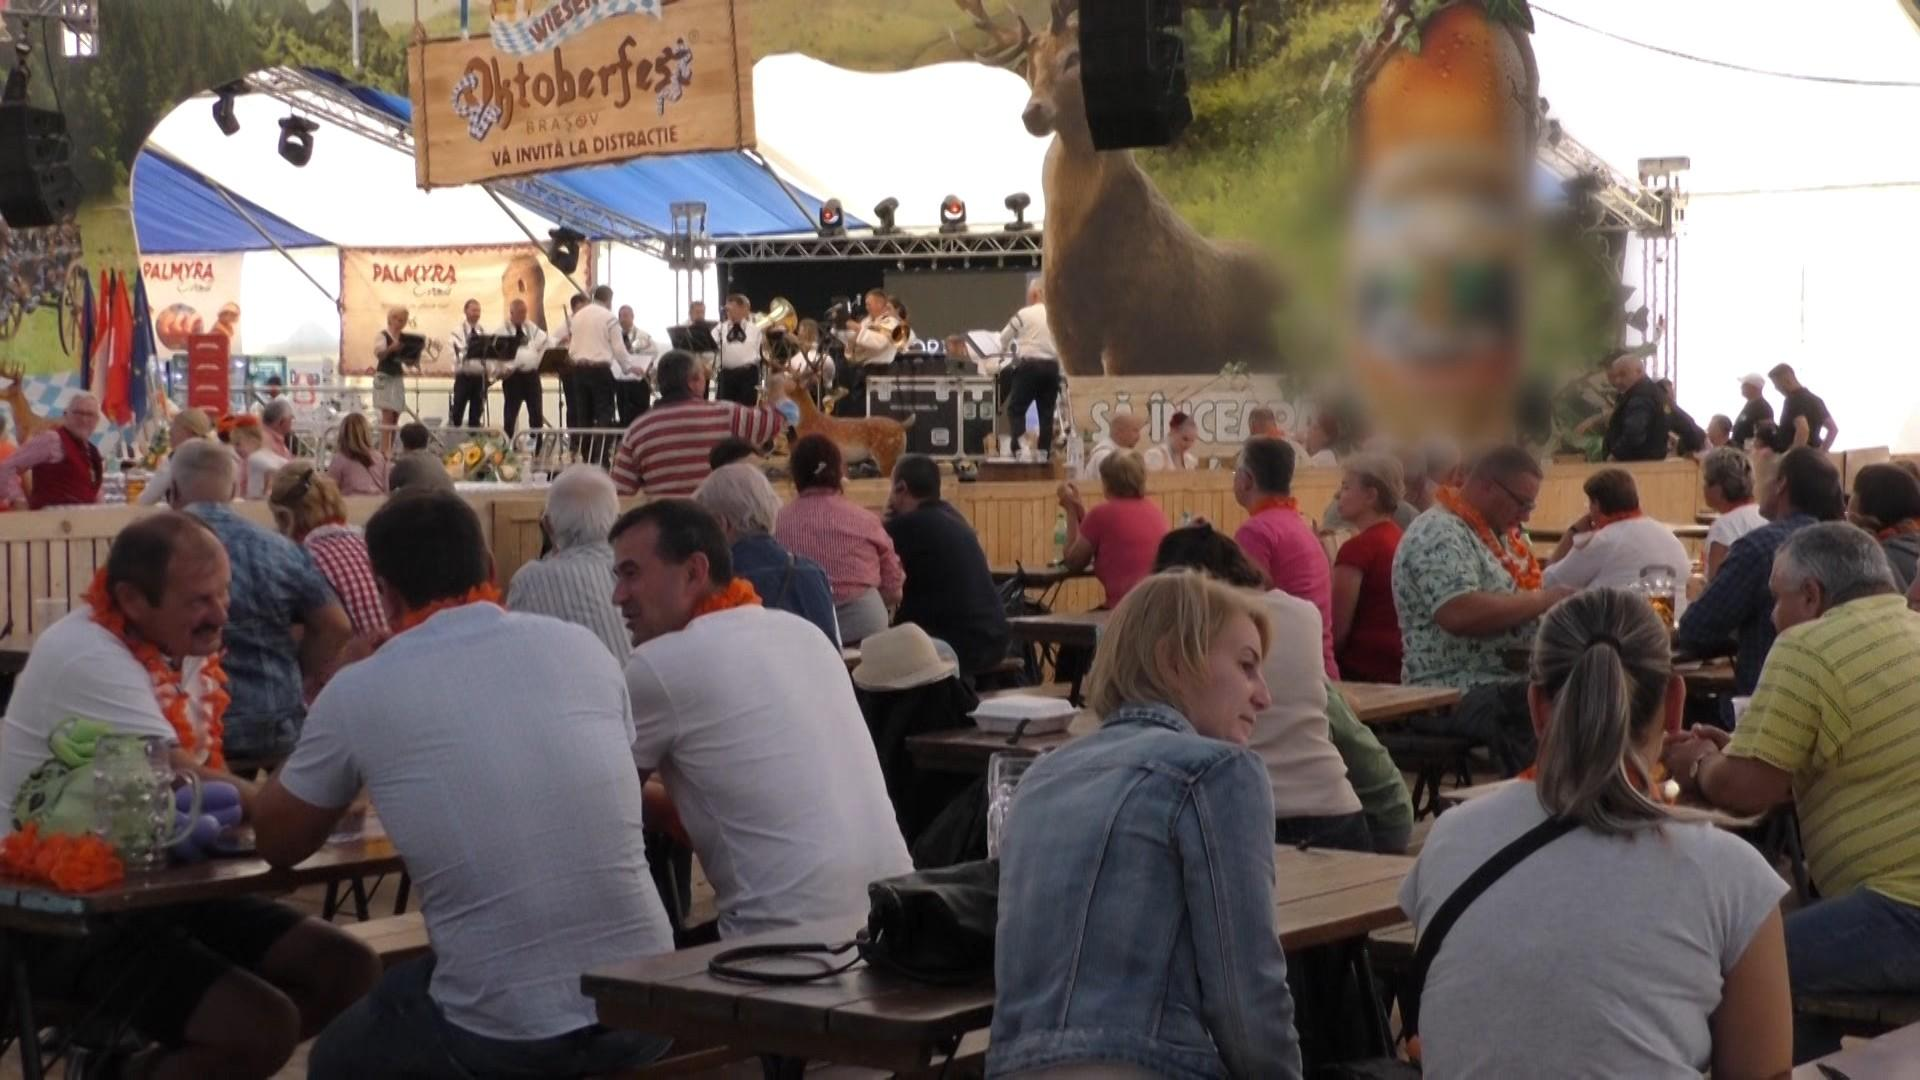 100.000 de persoane, jumătate faţă de cât se aşteptau organizatorii, au participat la Oktoberfest, în Brașov. Berea și carnea de struț, vedetele festivalului